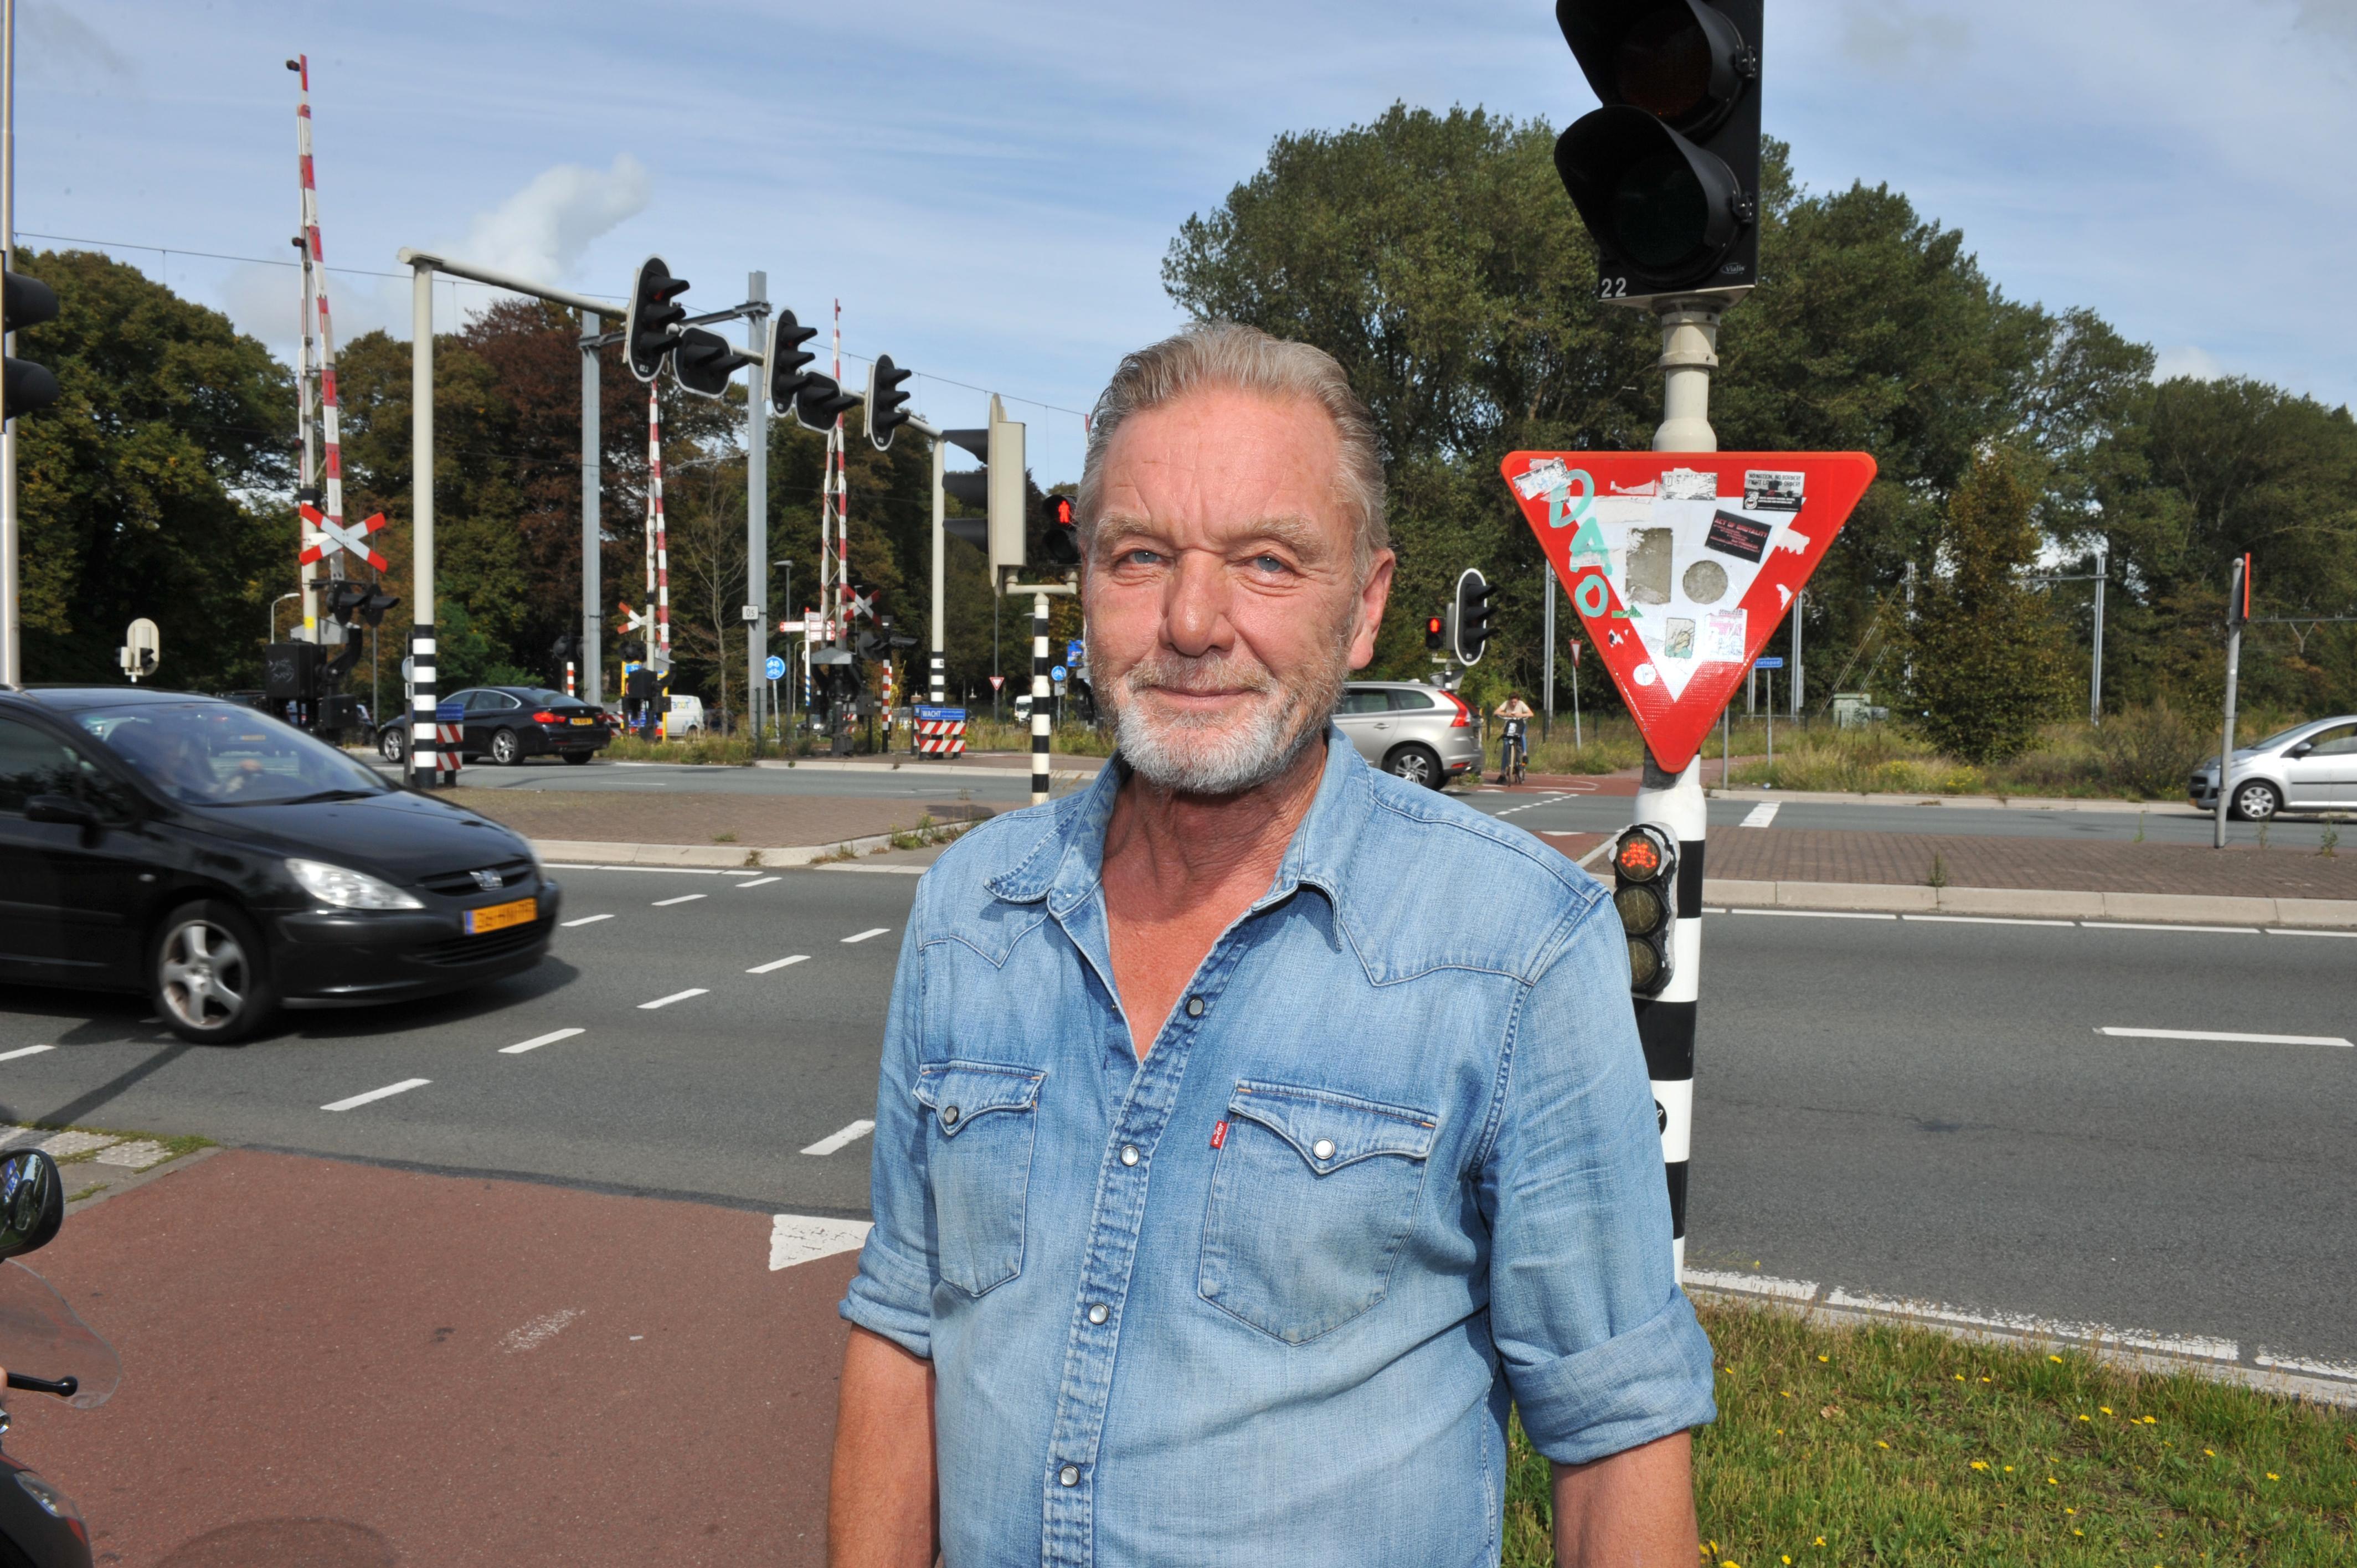 Raadslid Peter Stam sluit zich aan bij LGV in Velsense gemeenteraad